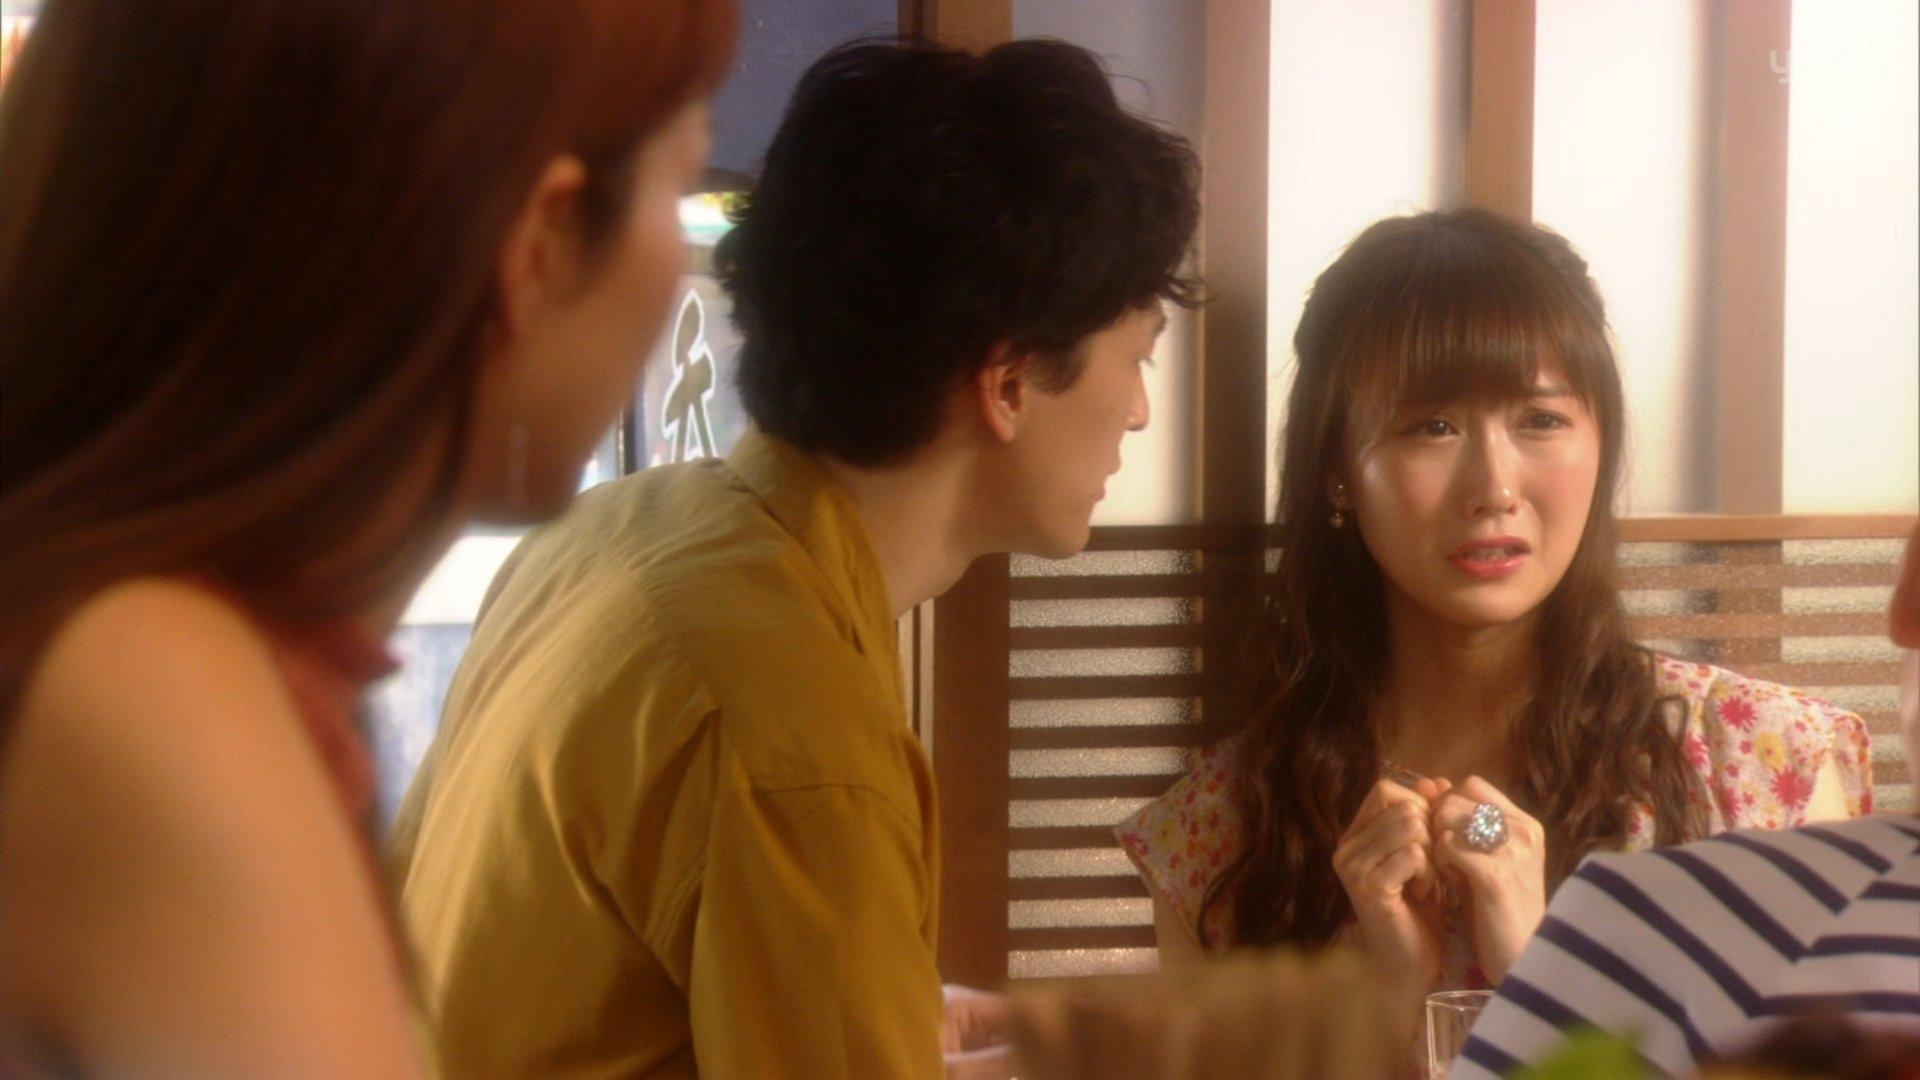 【矢倉楓子】ふぅちゃん、ドラマ「偽装不倫」に登場。